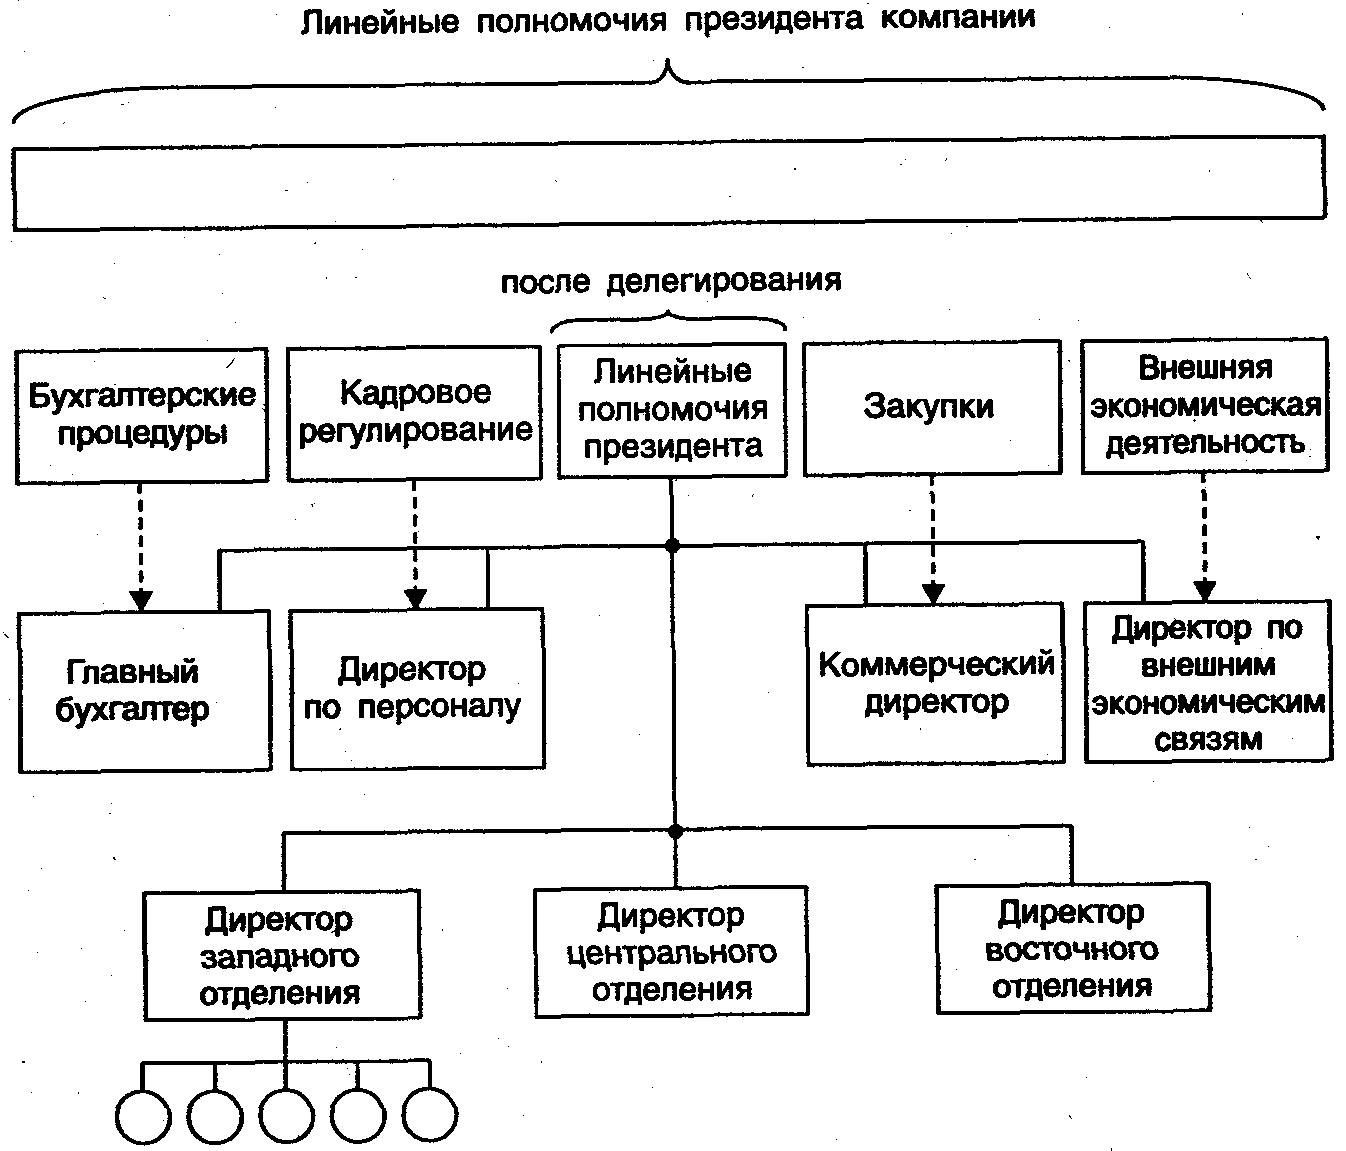 Виды полномочий схема